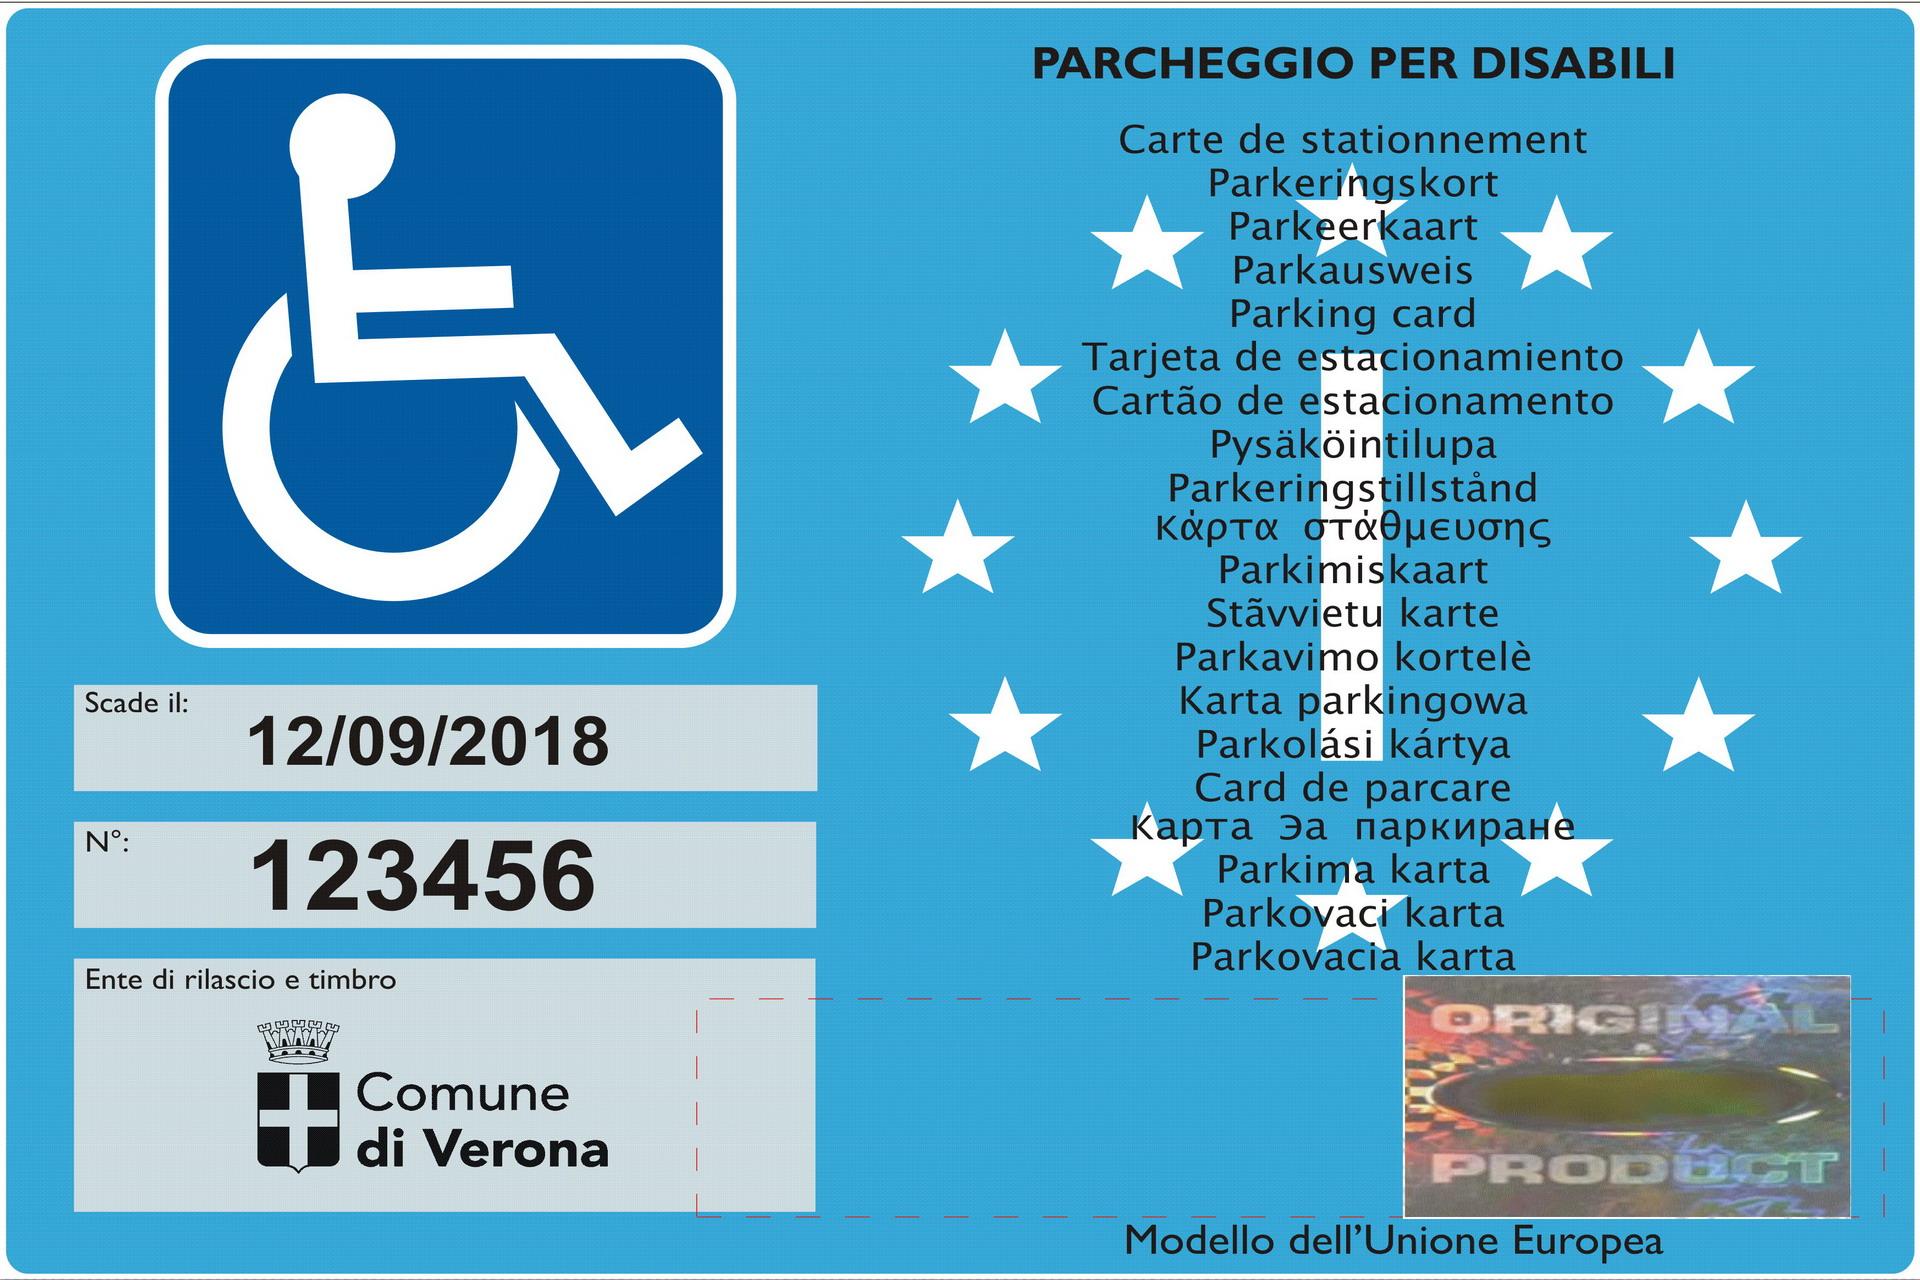 Legge 104 e il tagliandino parcheggio per i disabili: come richiederlo